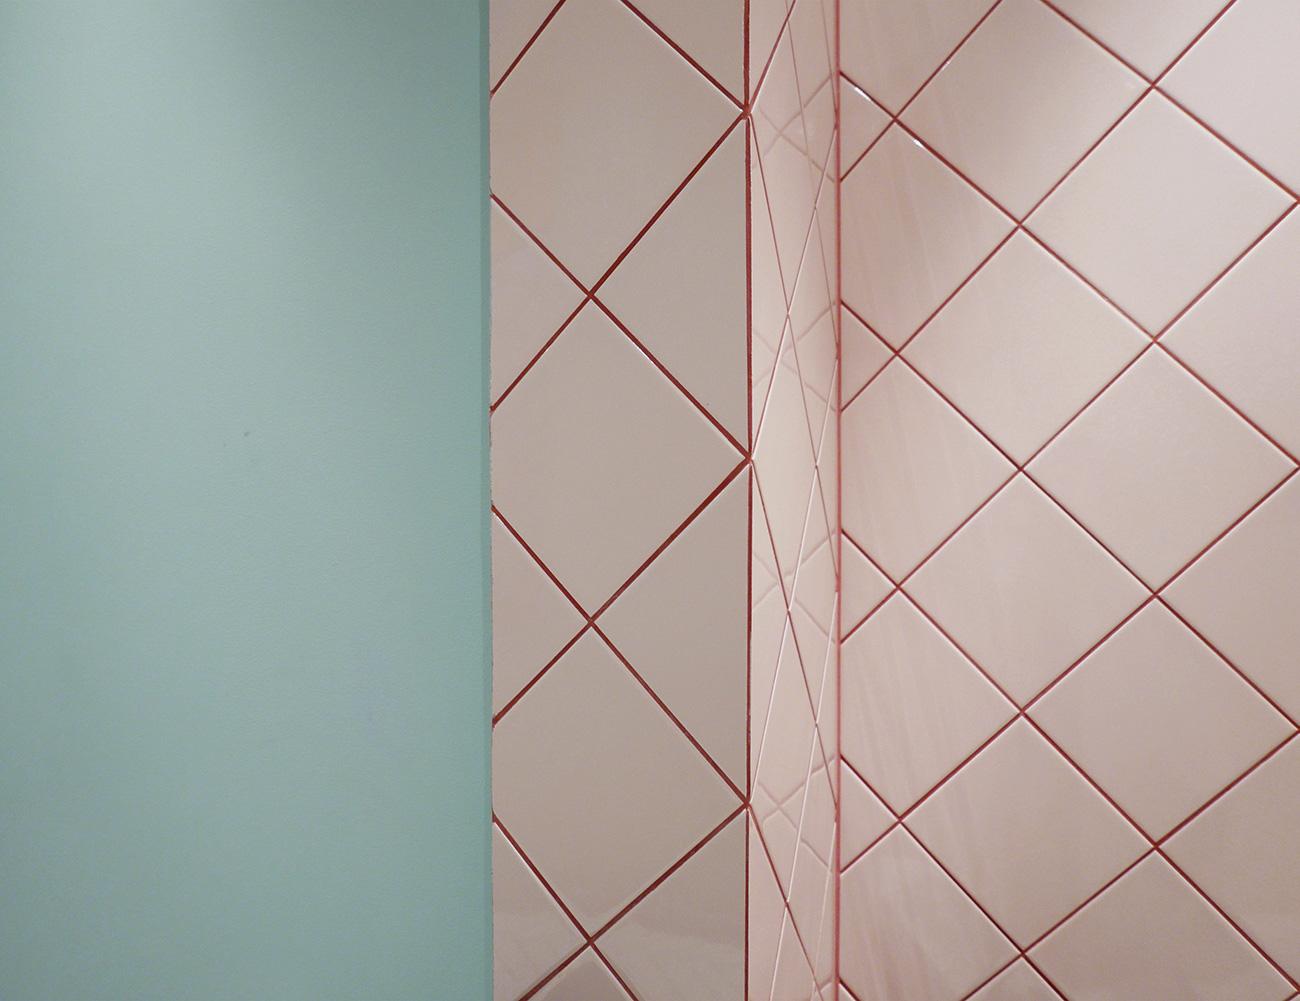 bathroom-inspo_badrum-inspiration_rosa-turkos-ljusblå_kakel_diagonal-sättning_photo-Tekla-Evelina--Severin_via-Sign-Unseen_badrumsdrömmar_1